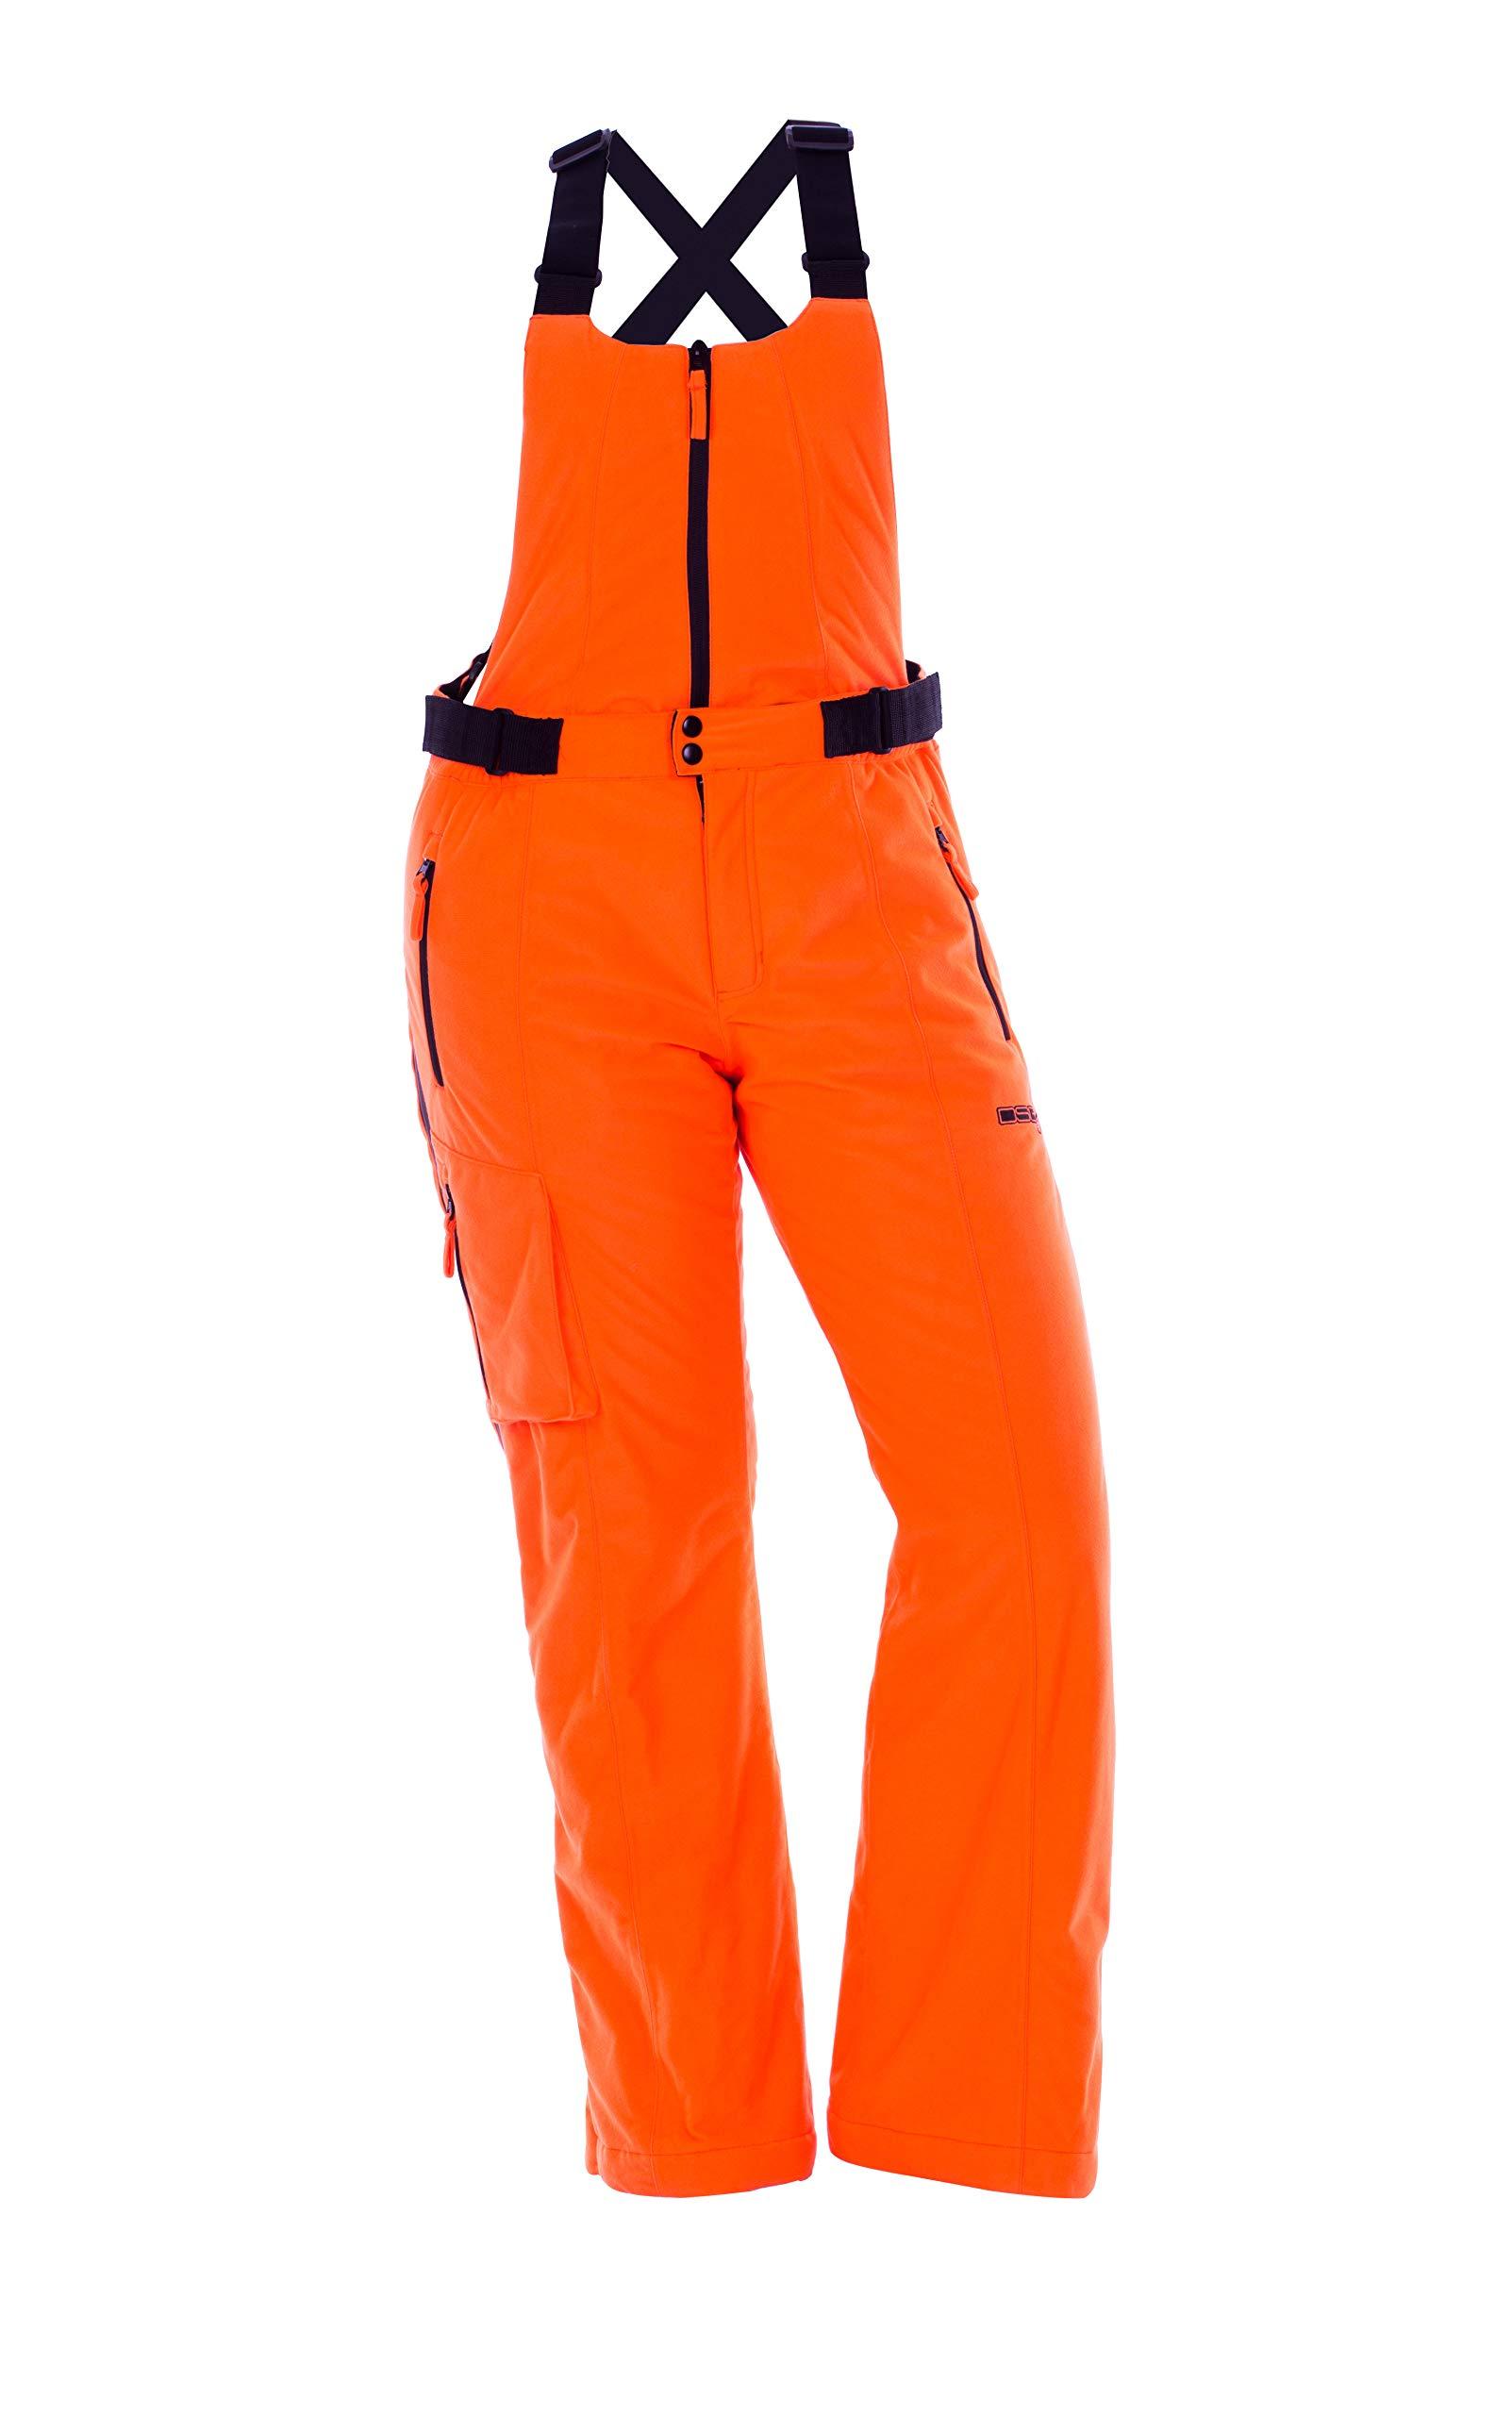 DSG Outerwear Women's Hunting Kylie 3.0 Drop-Seat Bib (Blaze Orange, XS) by DSG Outerwear